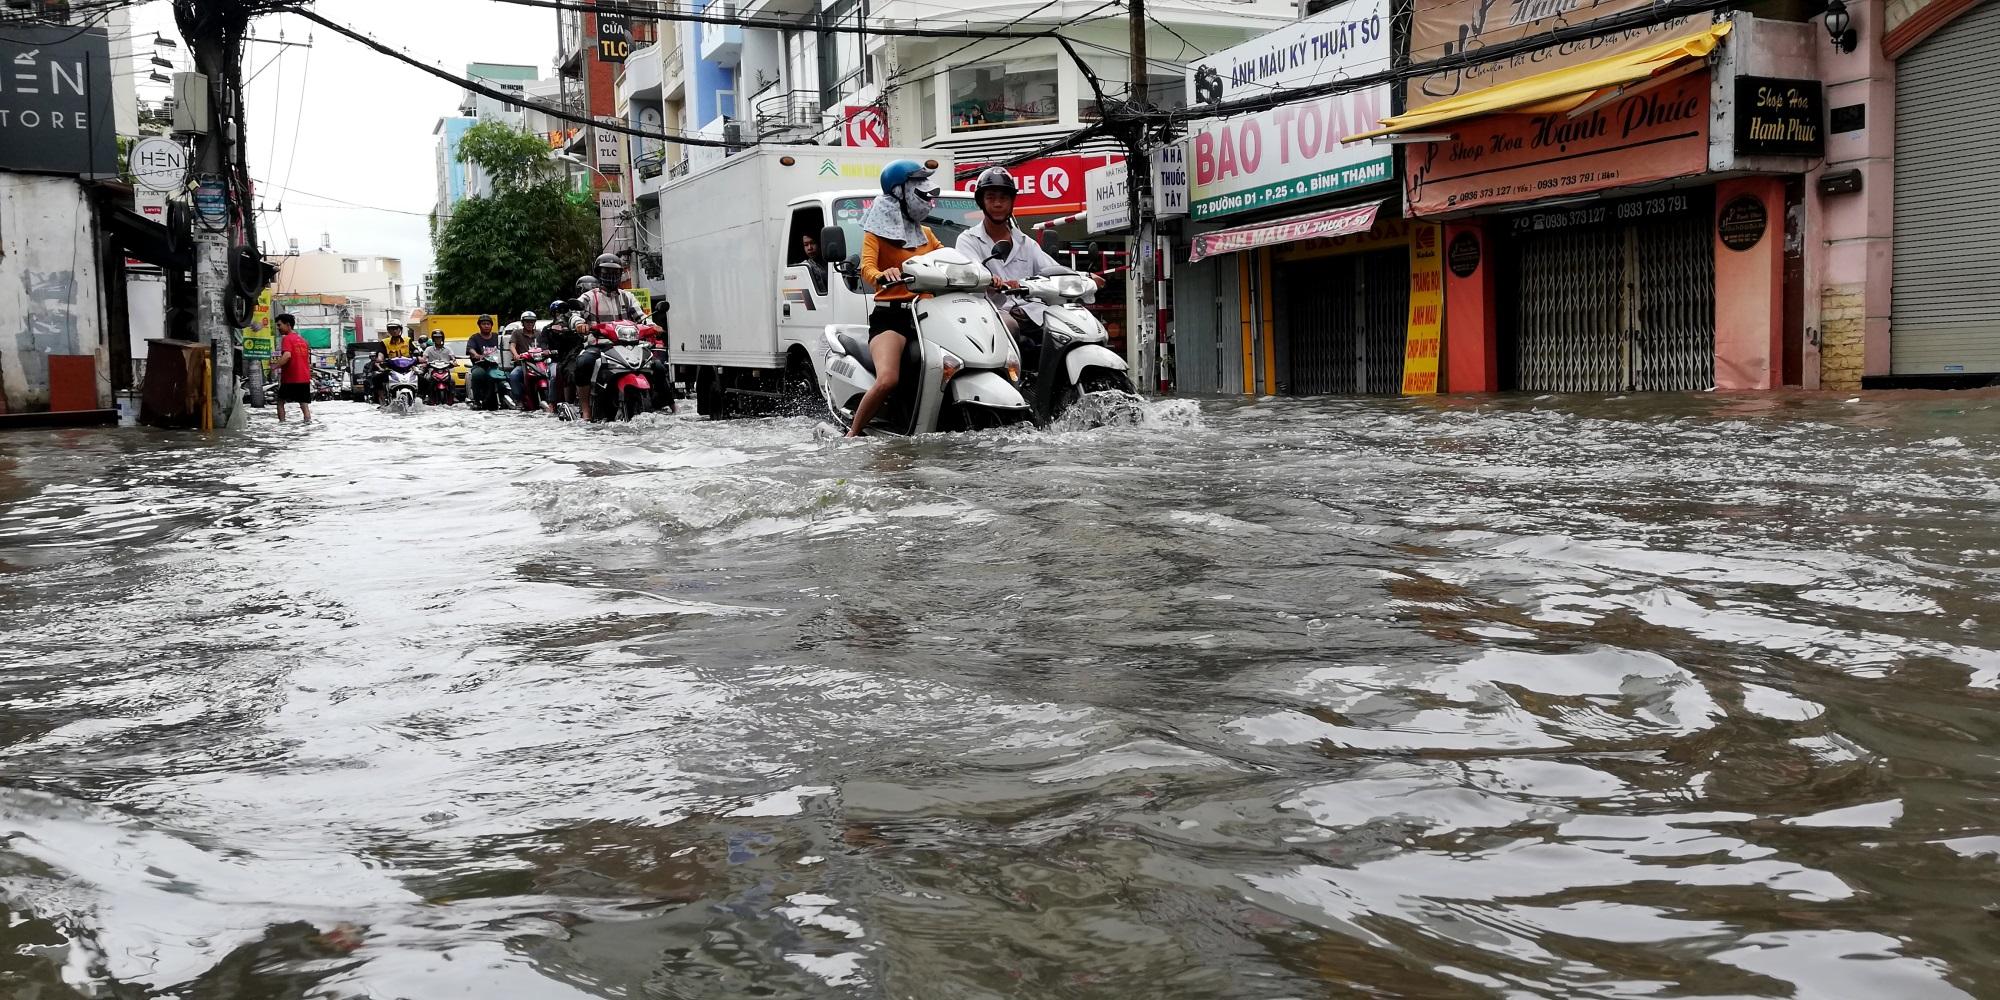 Sau một đêm tơi tả trong bão lịch sử, người Sài Gòn tiếp tục thở không ra hơi vì ngập nước kẹt xe nhiều giờ - Ảnh 10